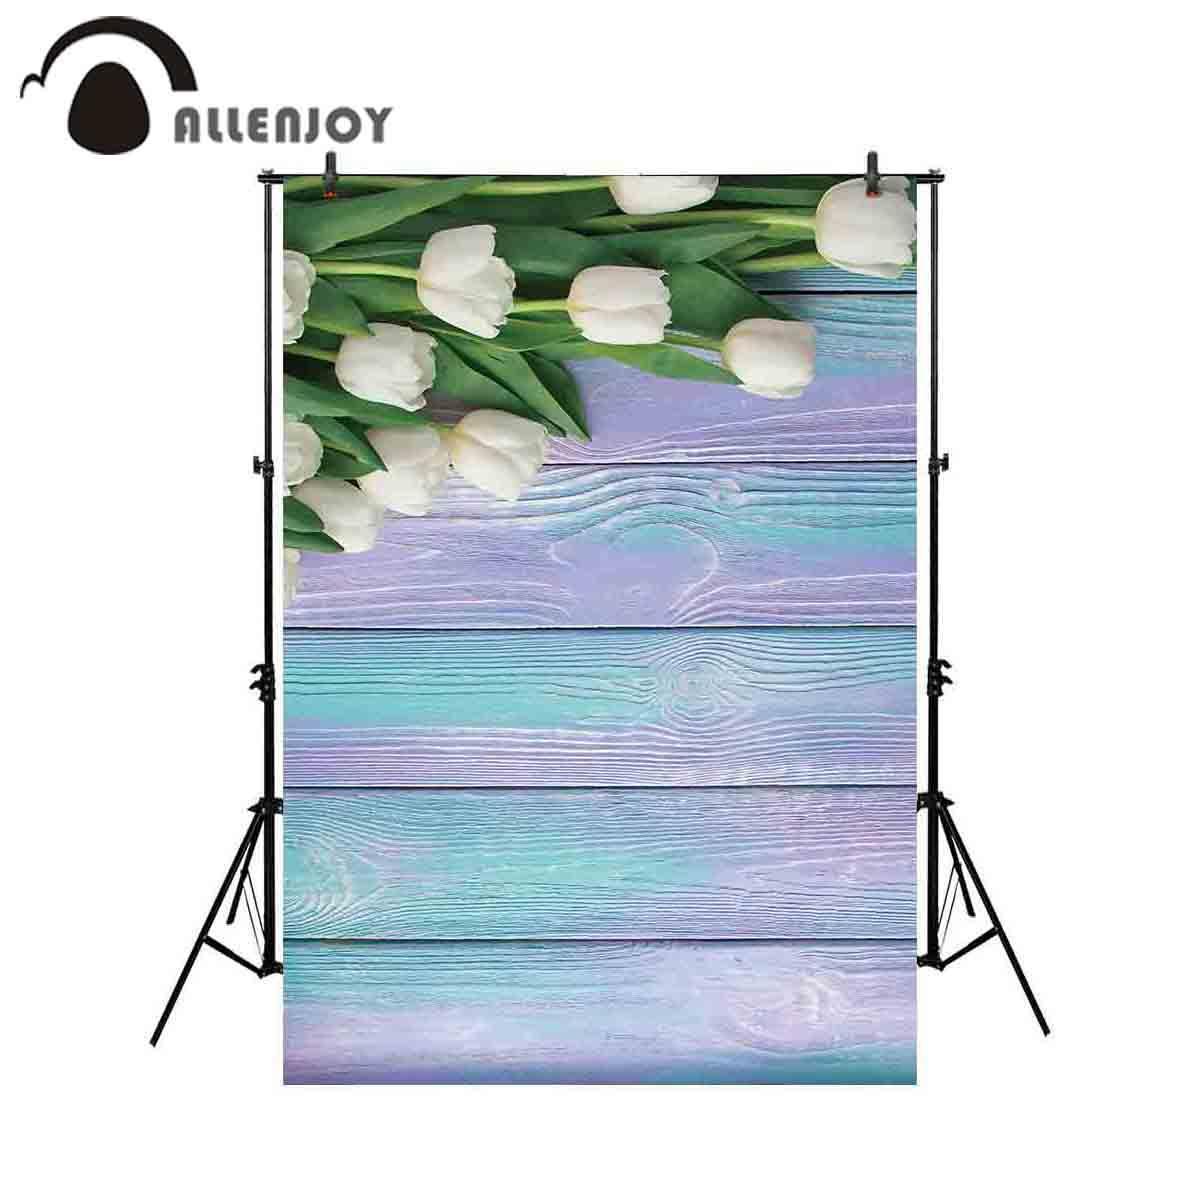 Fondo al por mayor para el estudio fotográfico flor de tulipán colorido madera fotografía telón de fondo photocall sesión fotográfica prop photobooth